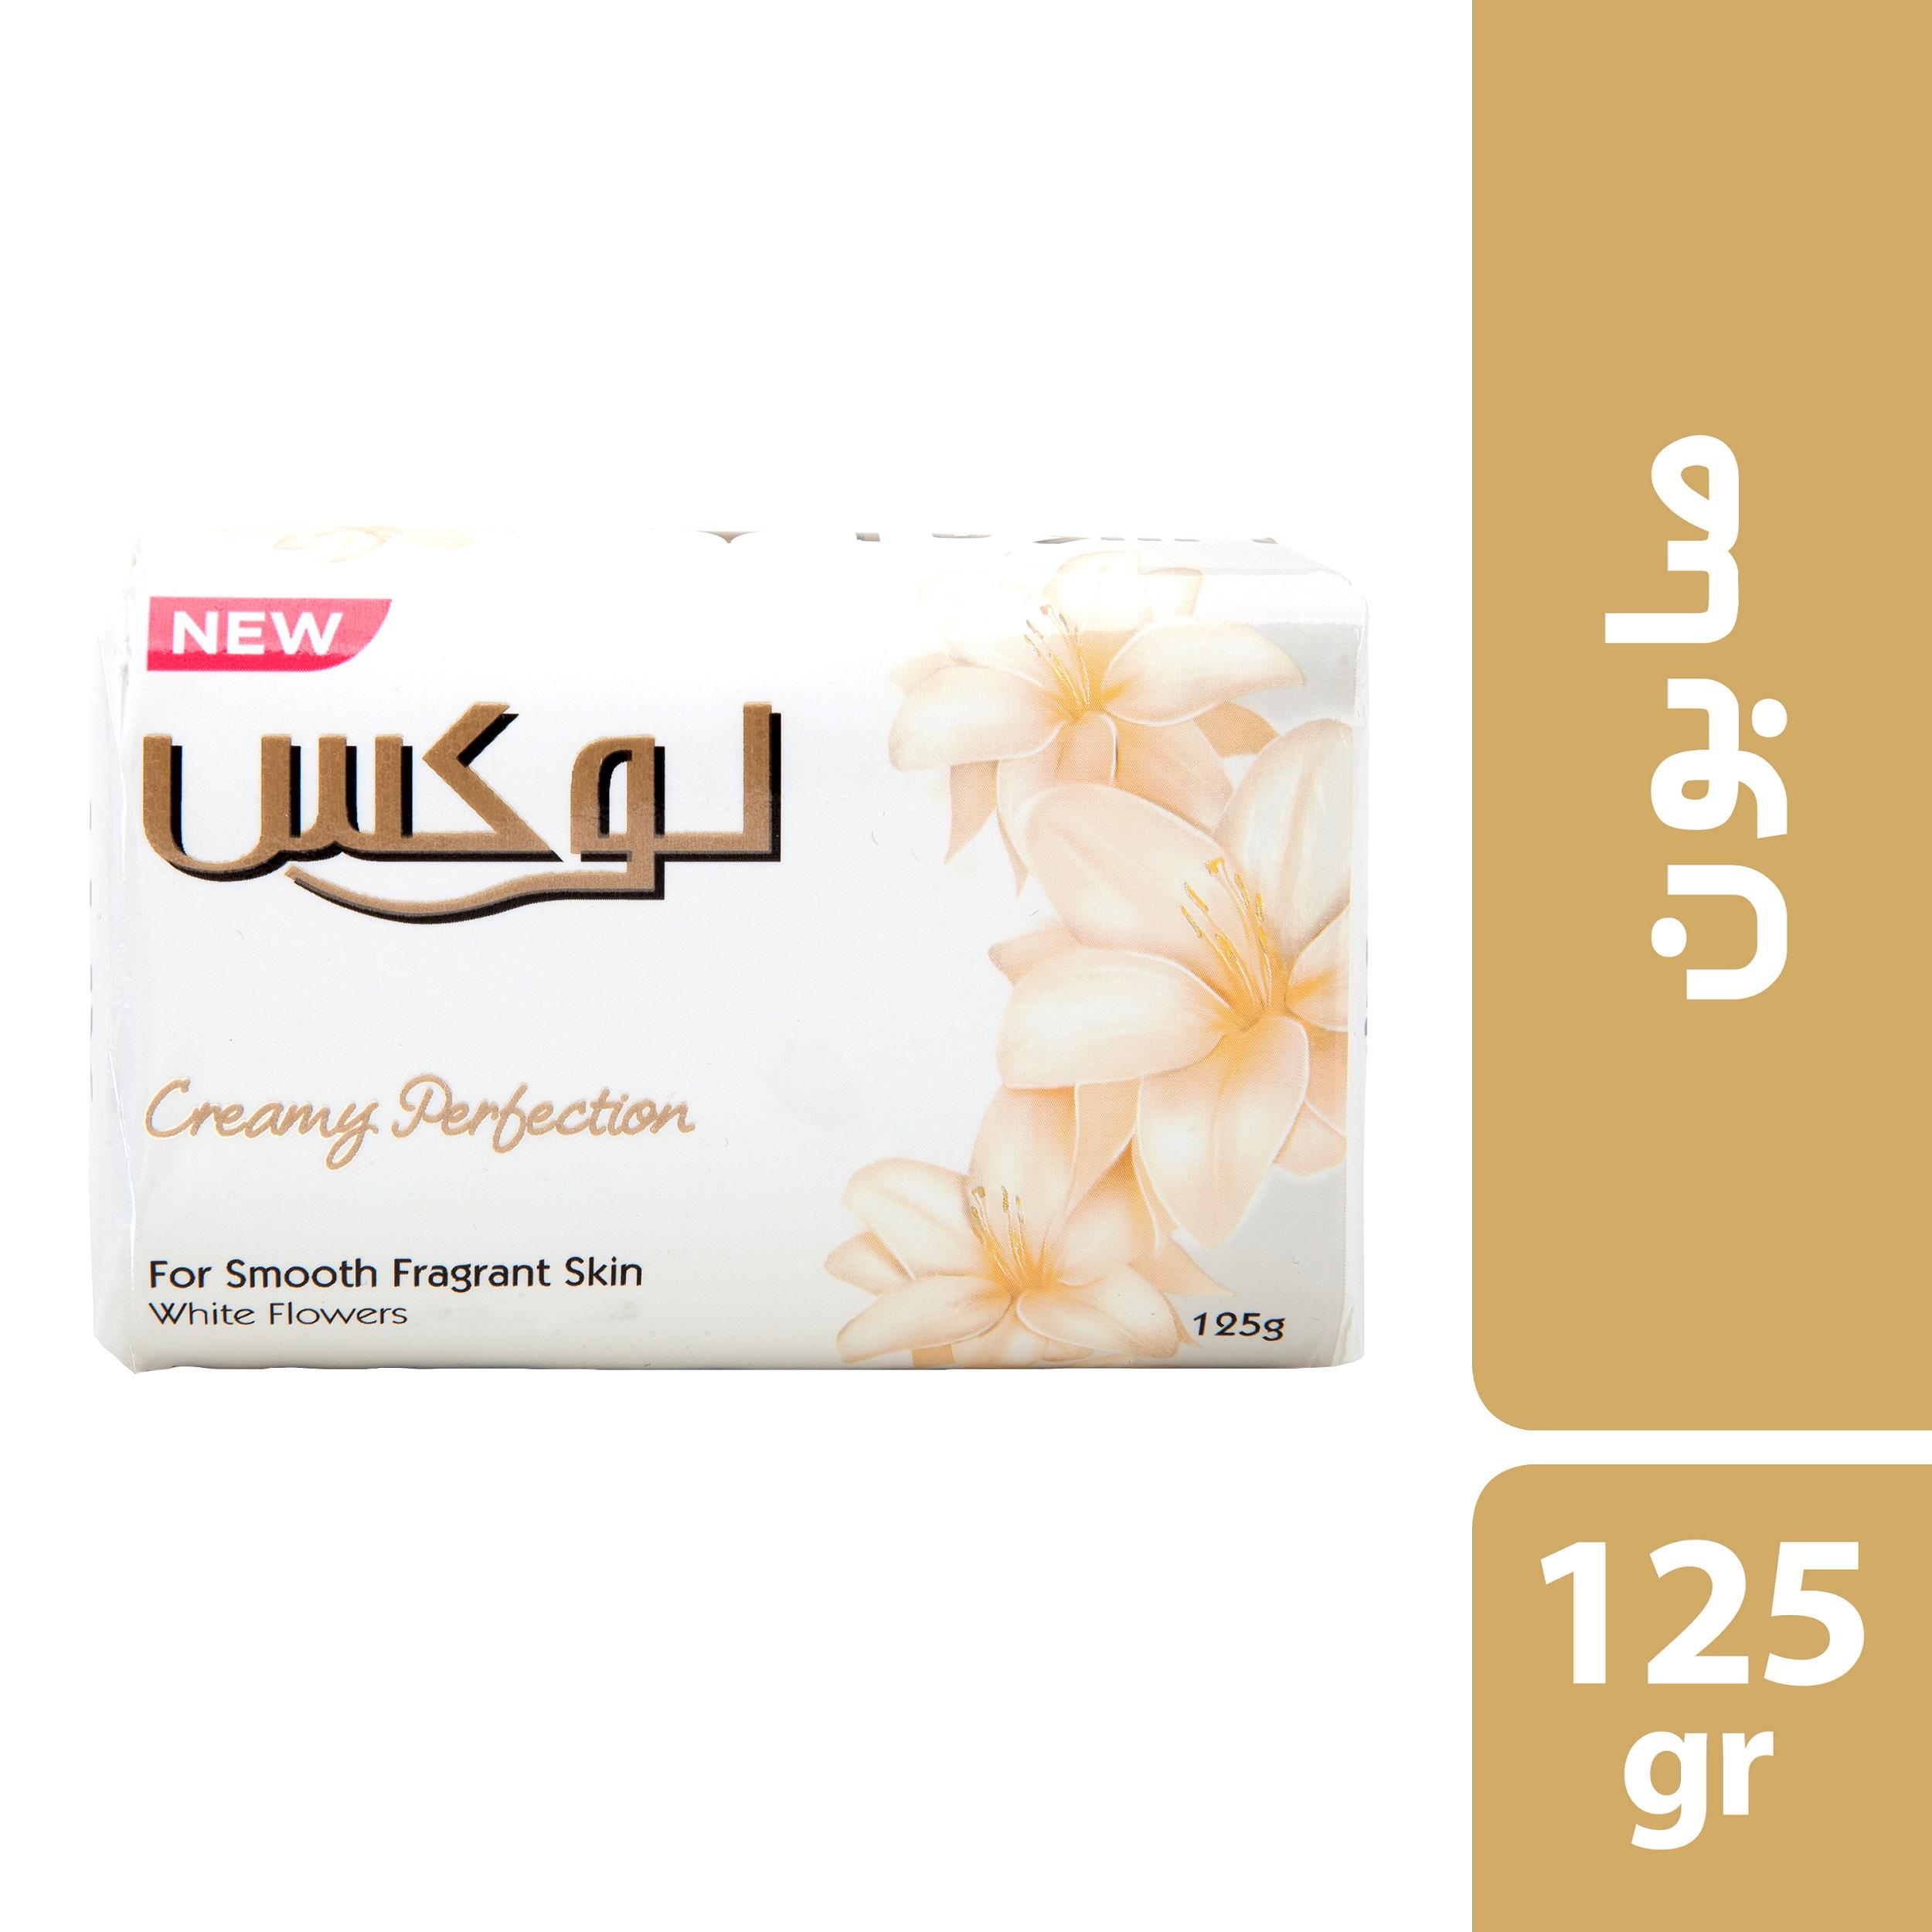 صابون شستشو لوکس مدل گل های سفید وزن 125 گرم بسته 6 عددی